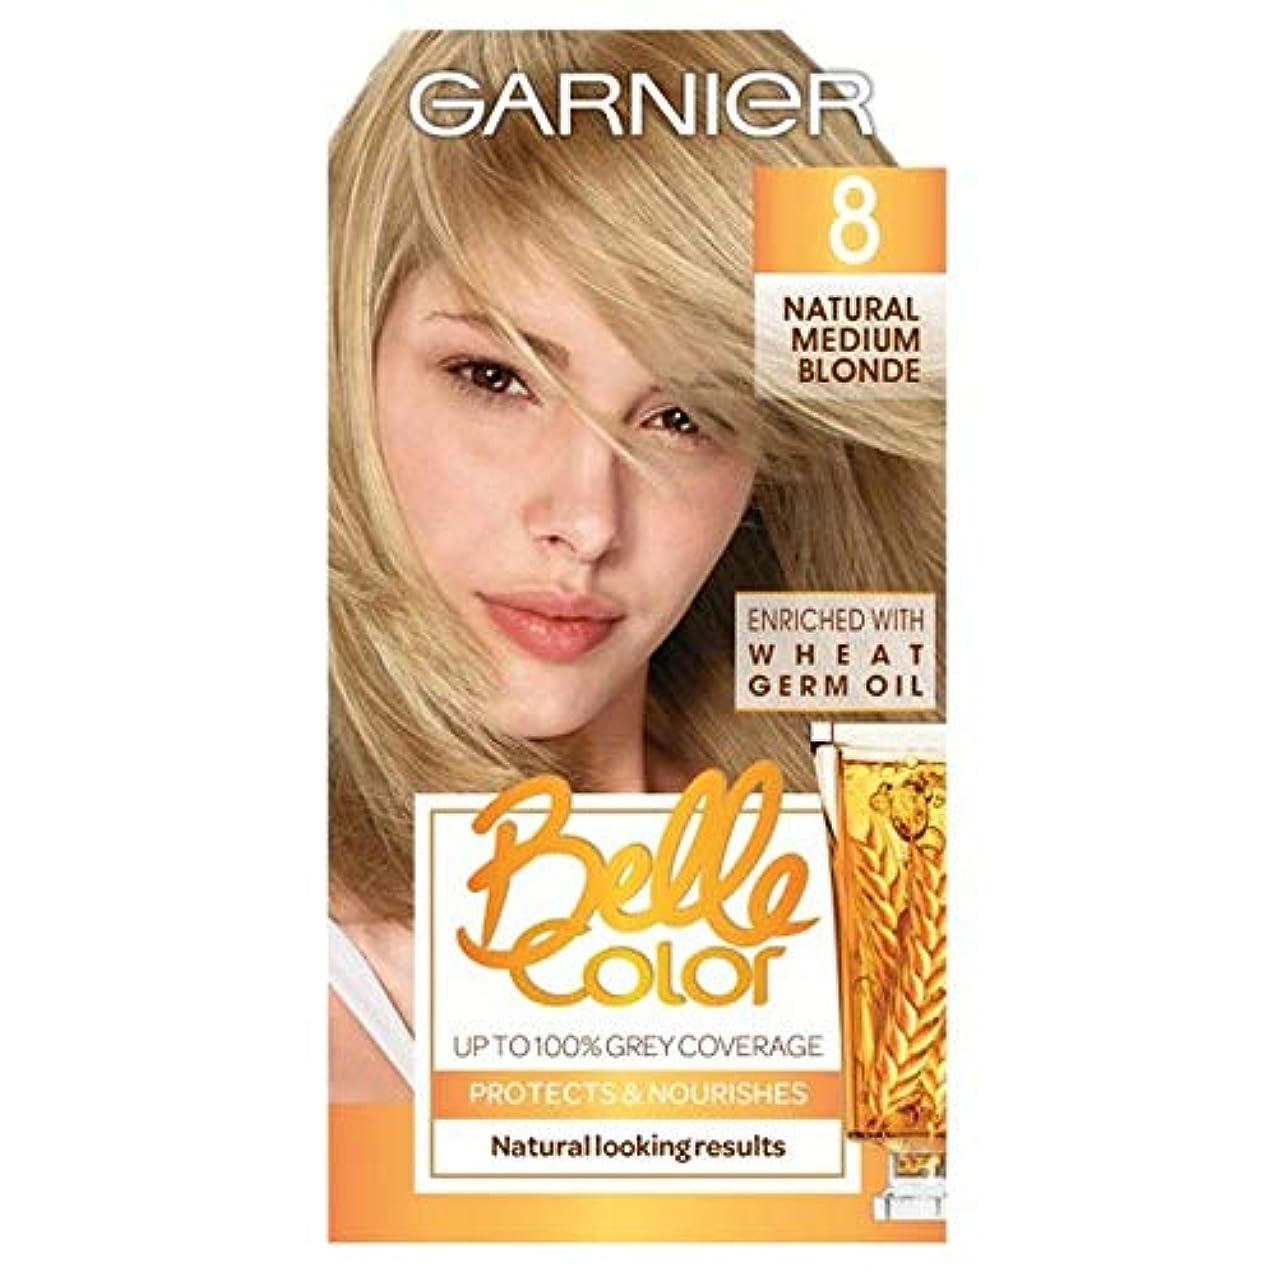 情緒的範囲近所の[Belle Color ] ガーン/ベル/Clr 8天然培地ブロンドパーマネントヘアダイ - Garn/Bel/Clr 8 Natural Medium Blonde Permanent Hair Dye [並行輸入品]